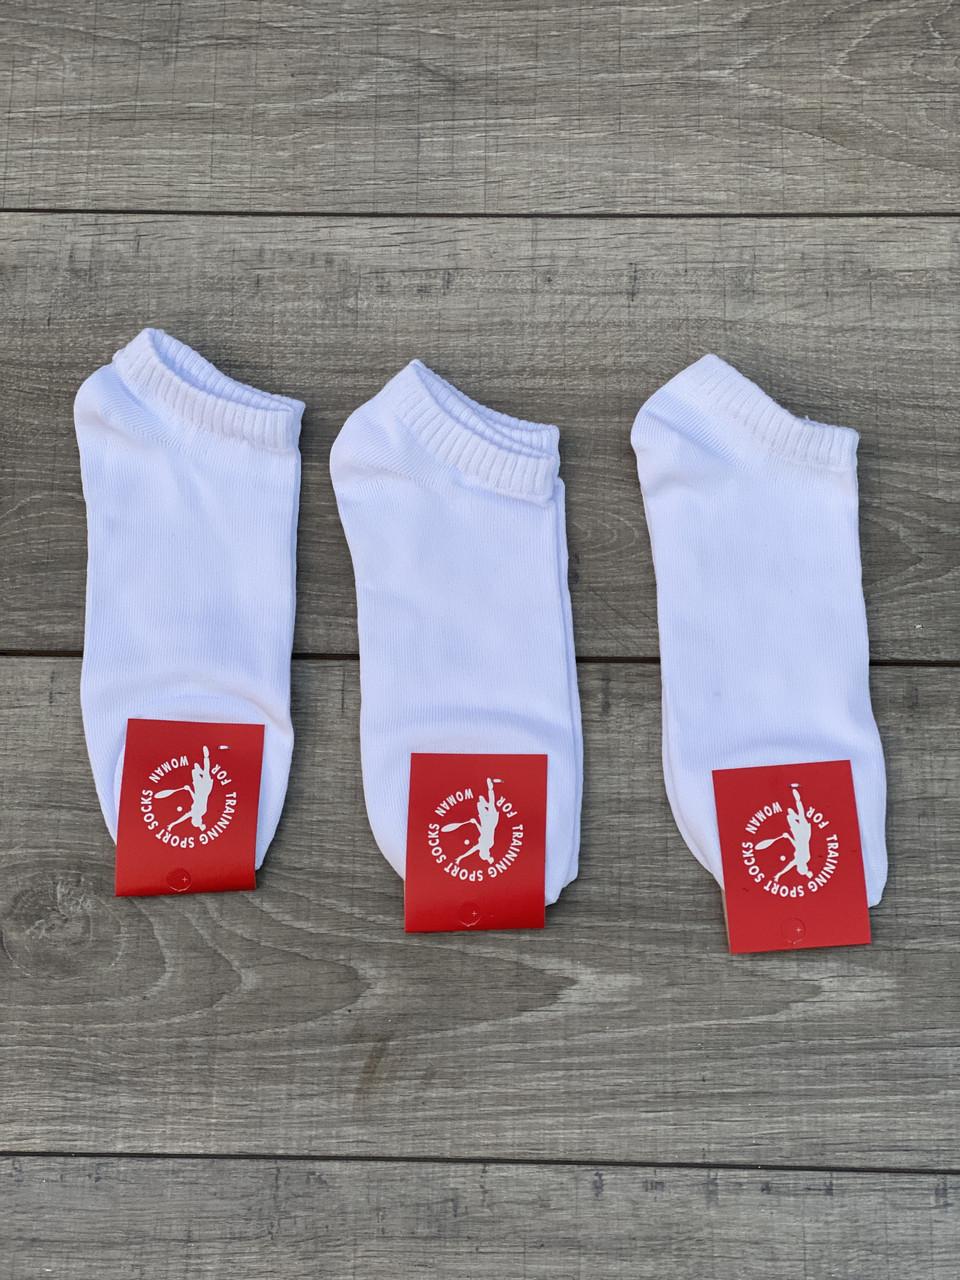 Чоловічі шкарпетки Sport socks шкарпетки стрейчеві короткі розмір 40-44 12 шт в уп Білі